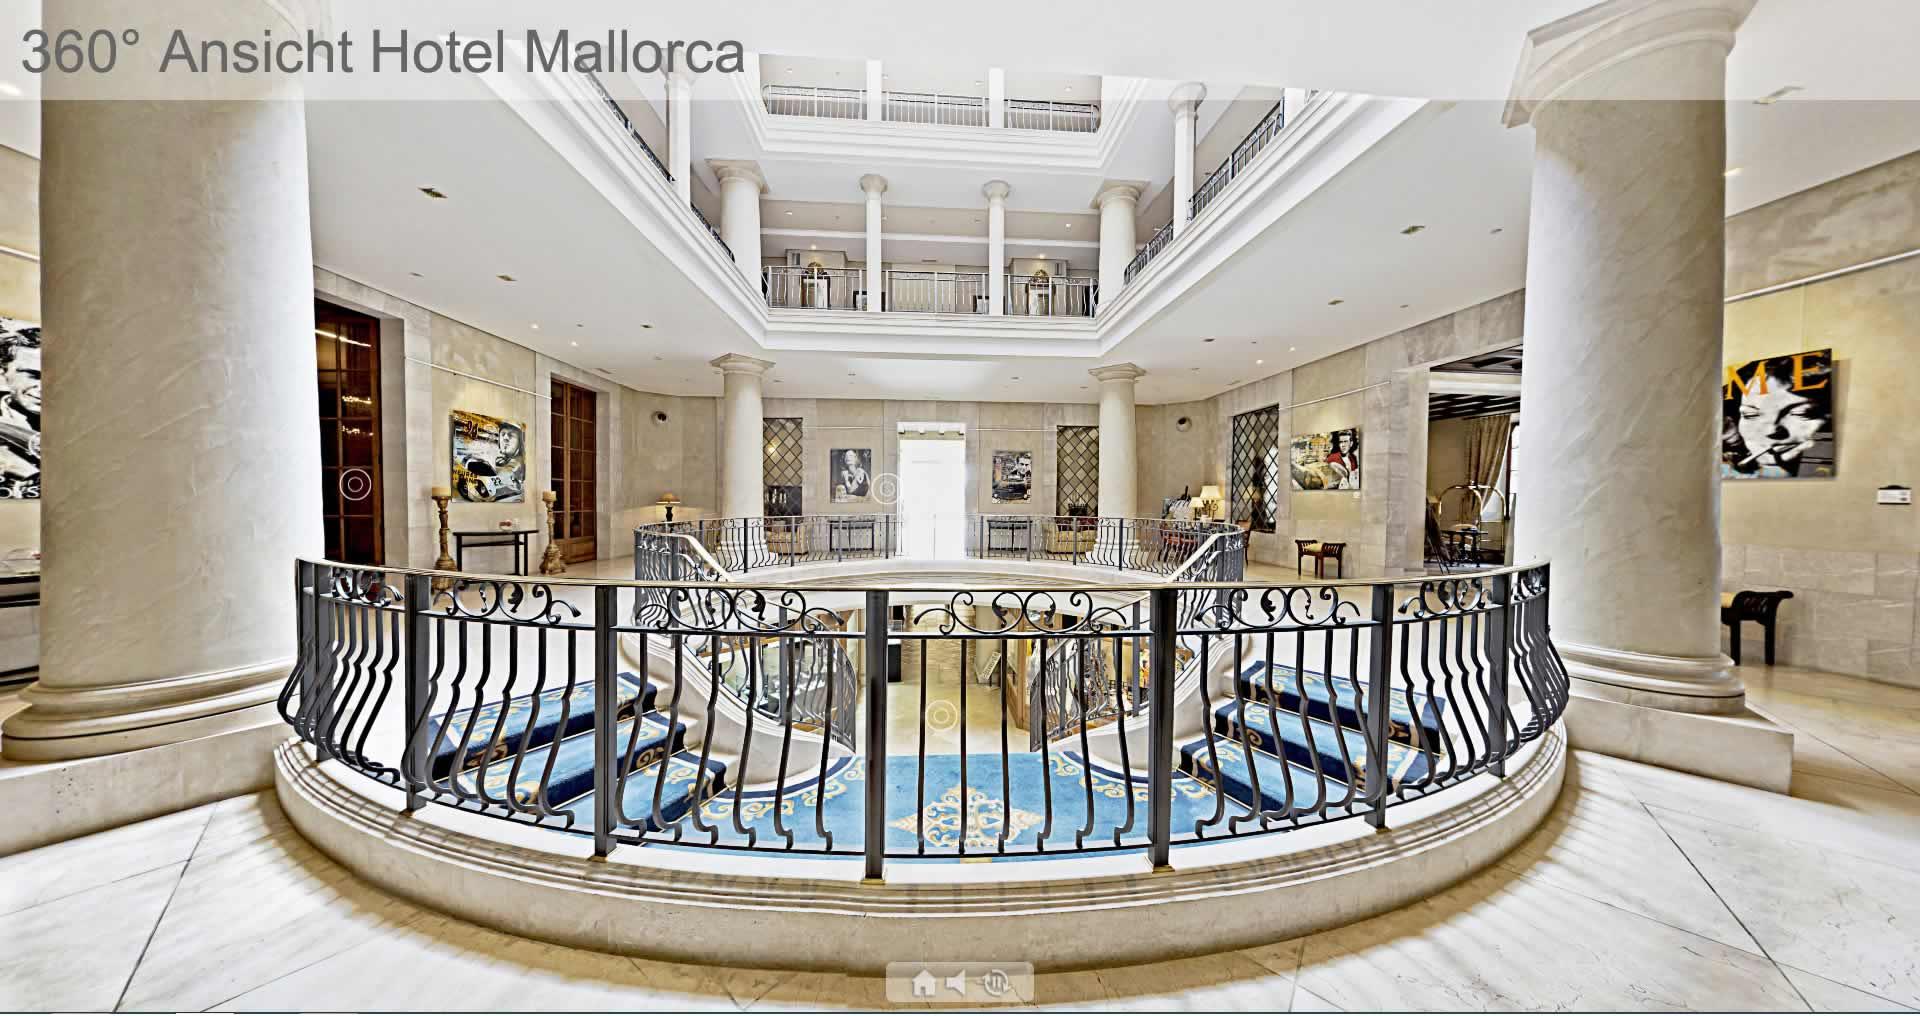 Virtuelle 360 Grad Tour durch eine Hotel auf Mallorca